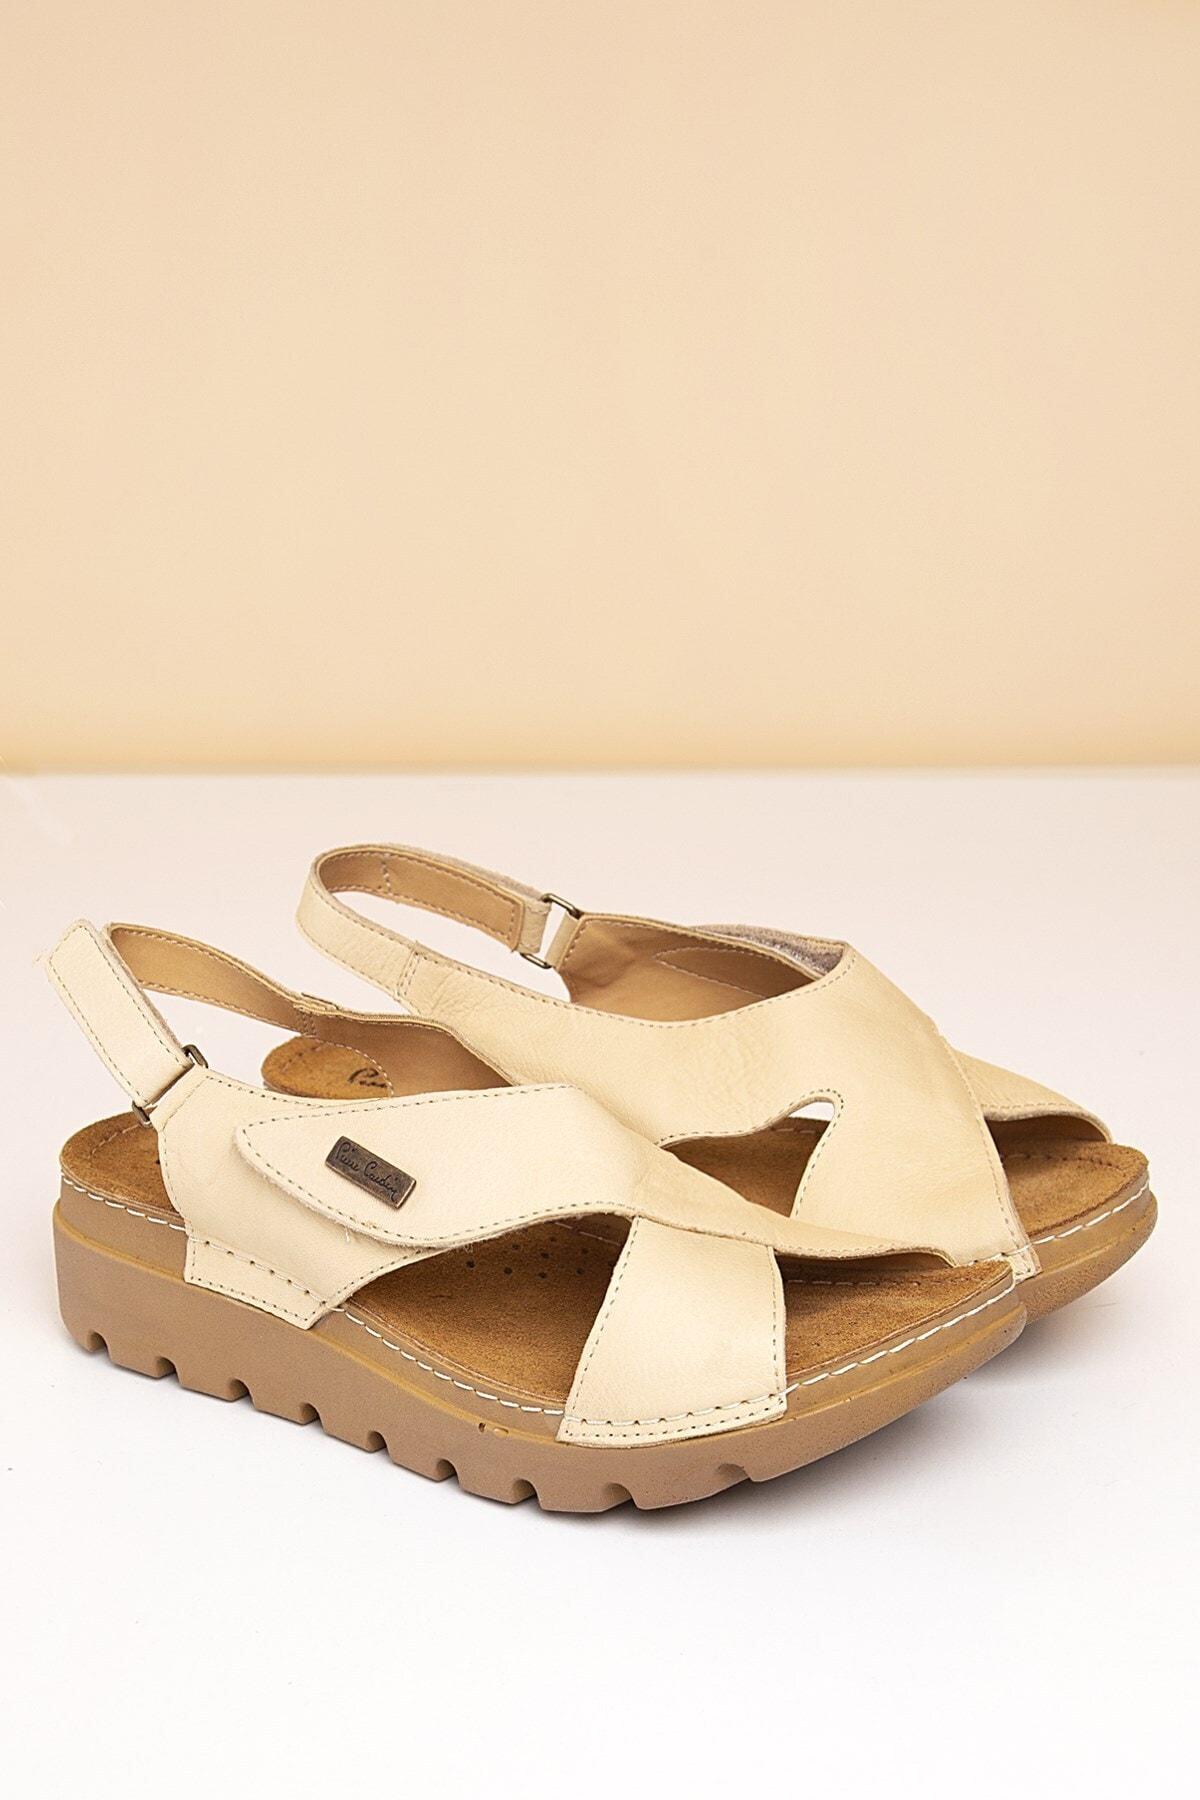 Pierre Cardin PC-1378 Bej Kadın Sandalet 1